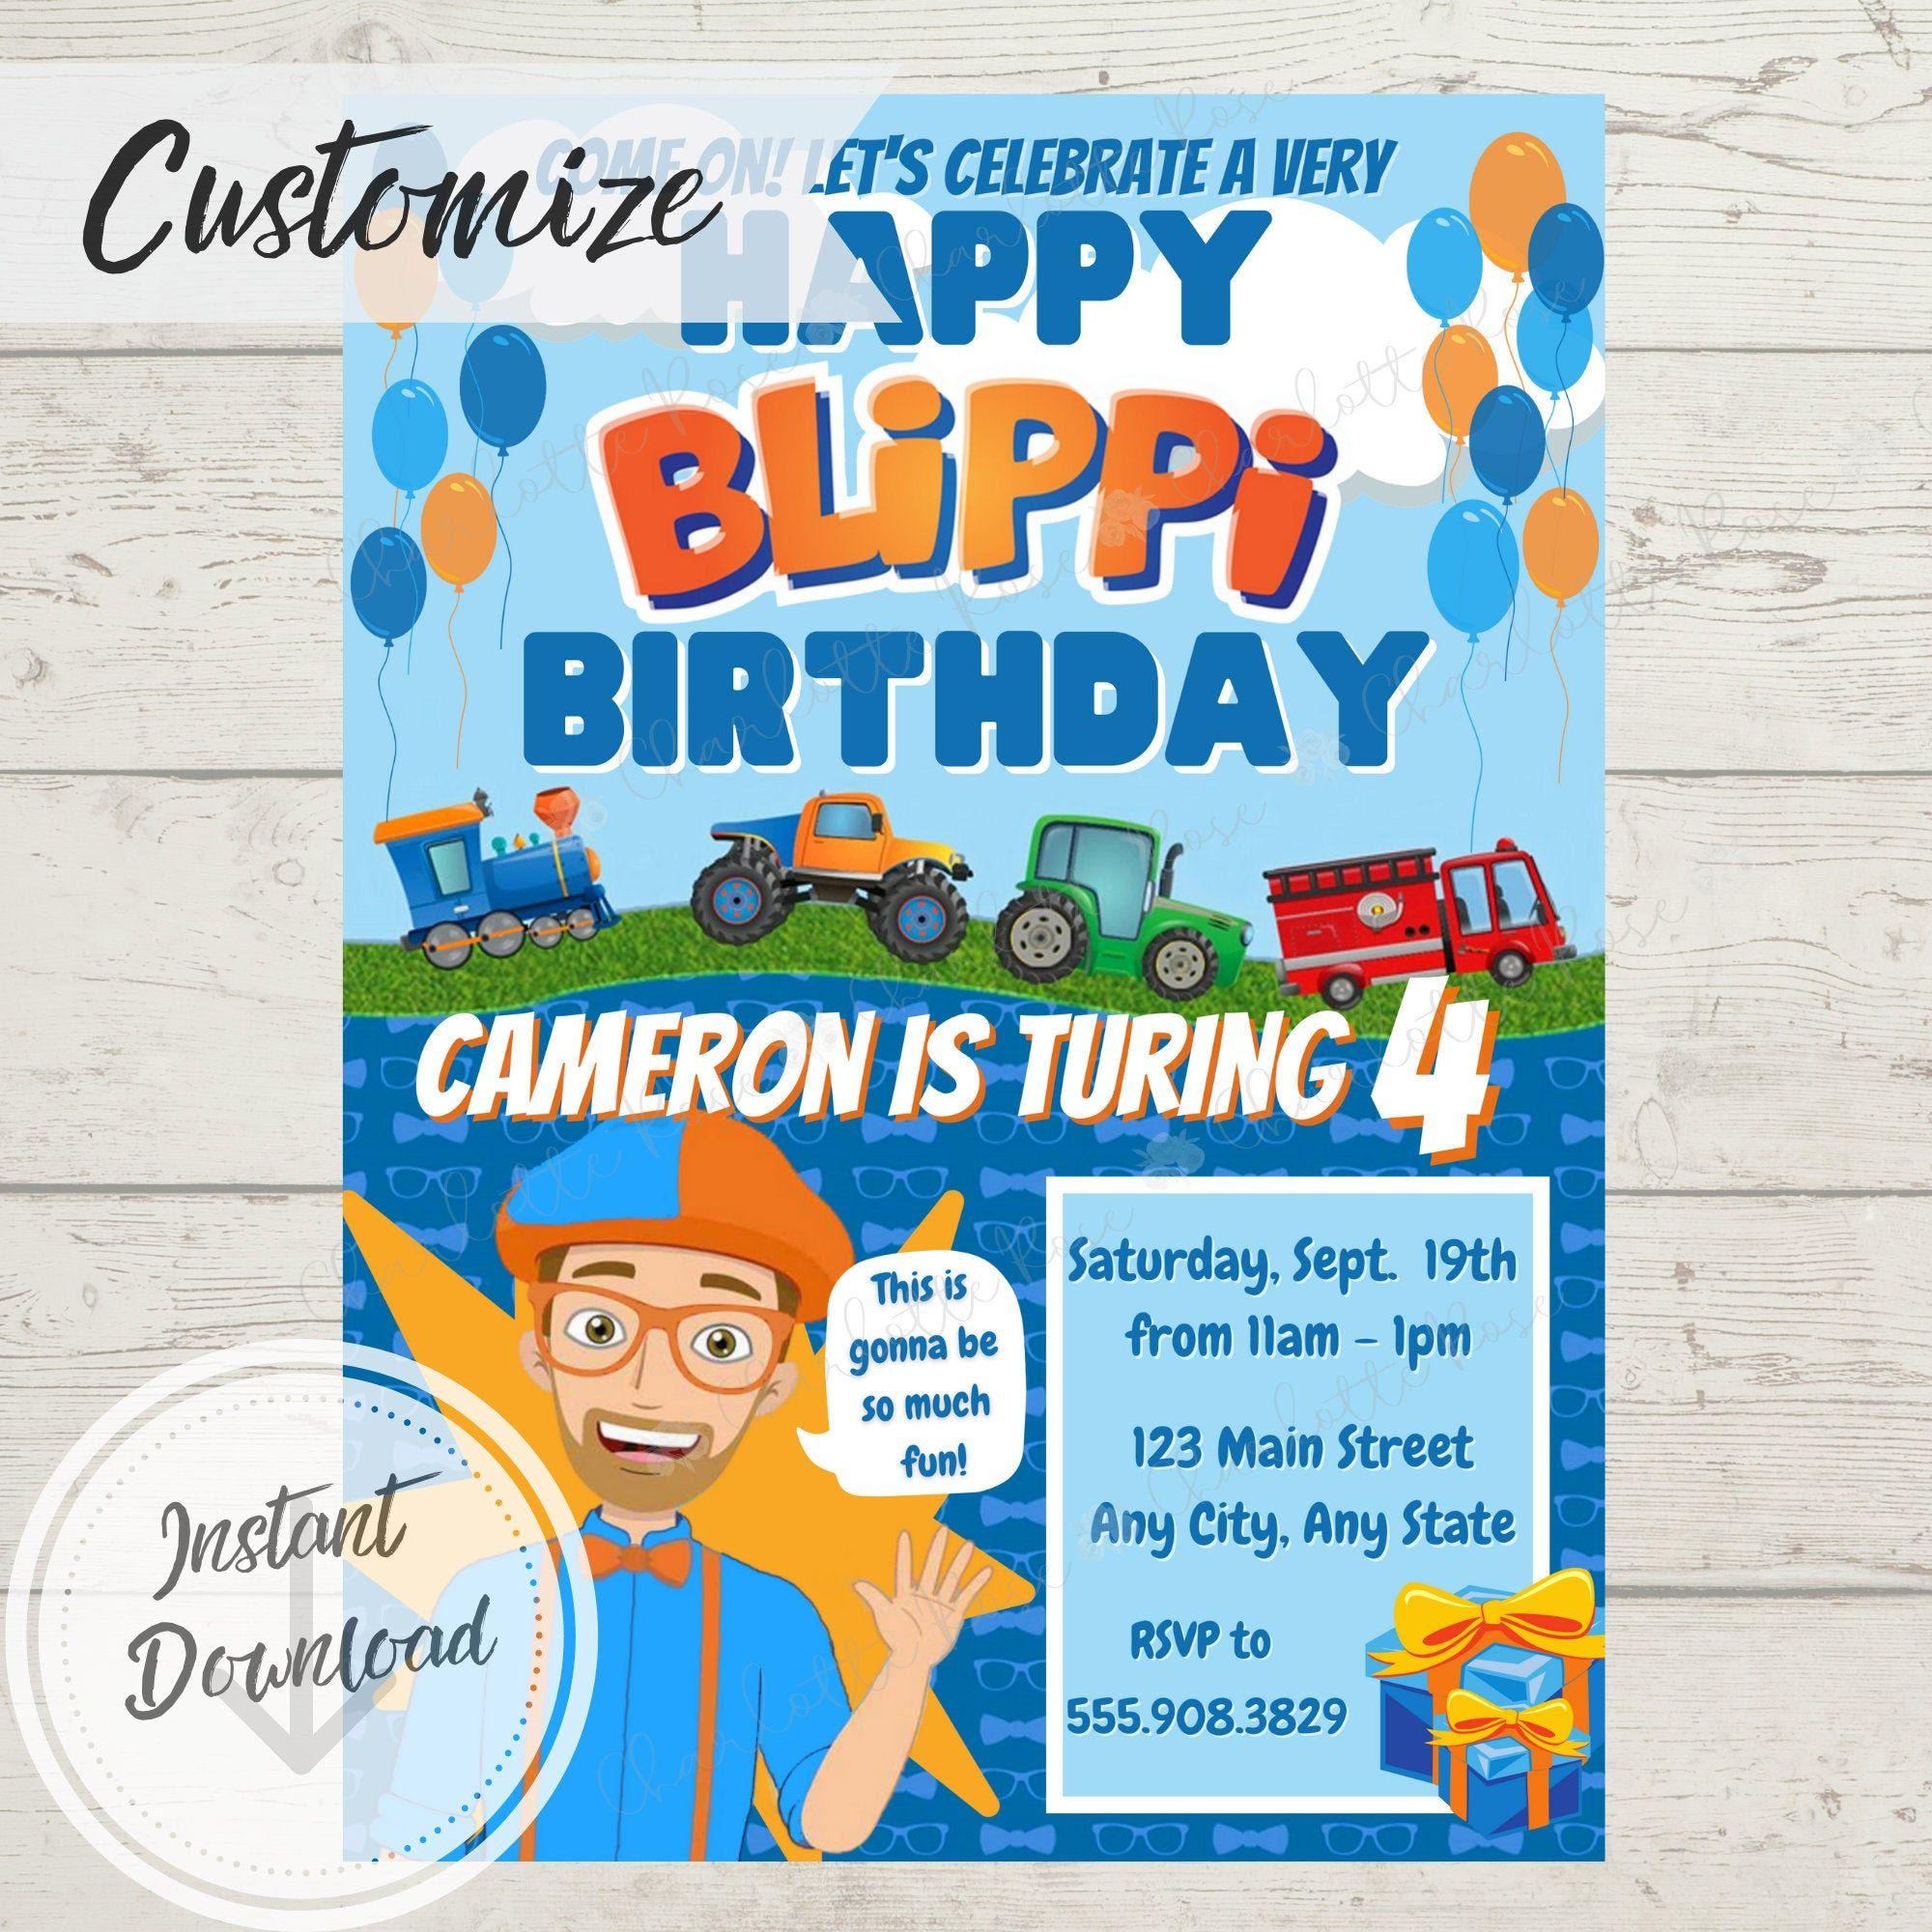 Blippi Birthday Party Invitation Instant Download Printable Etsy In 2021 Birthday Party Invitations Party Invitations 2nd Birthday Party Themes